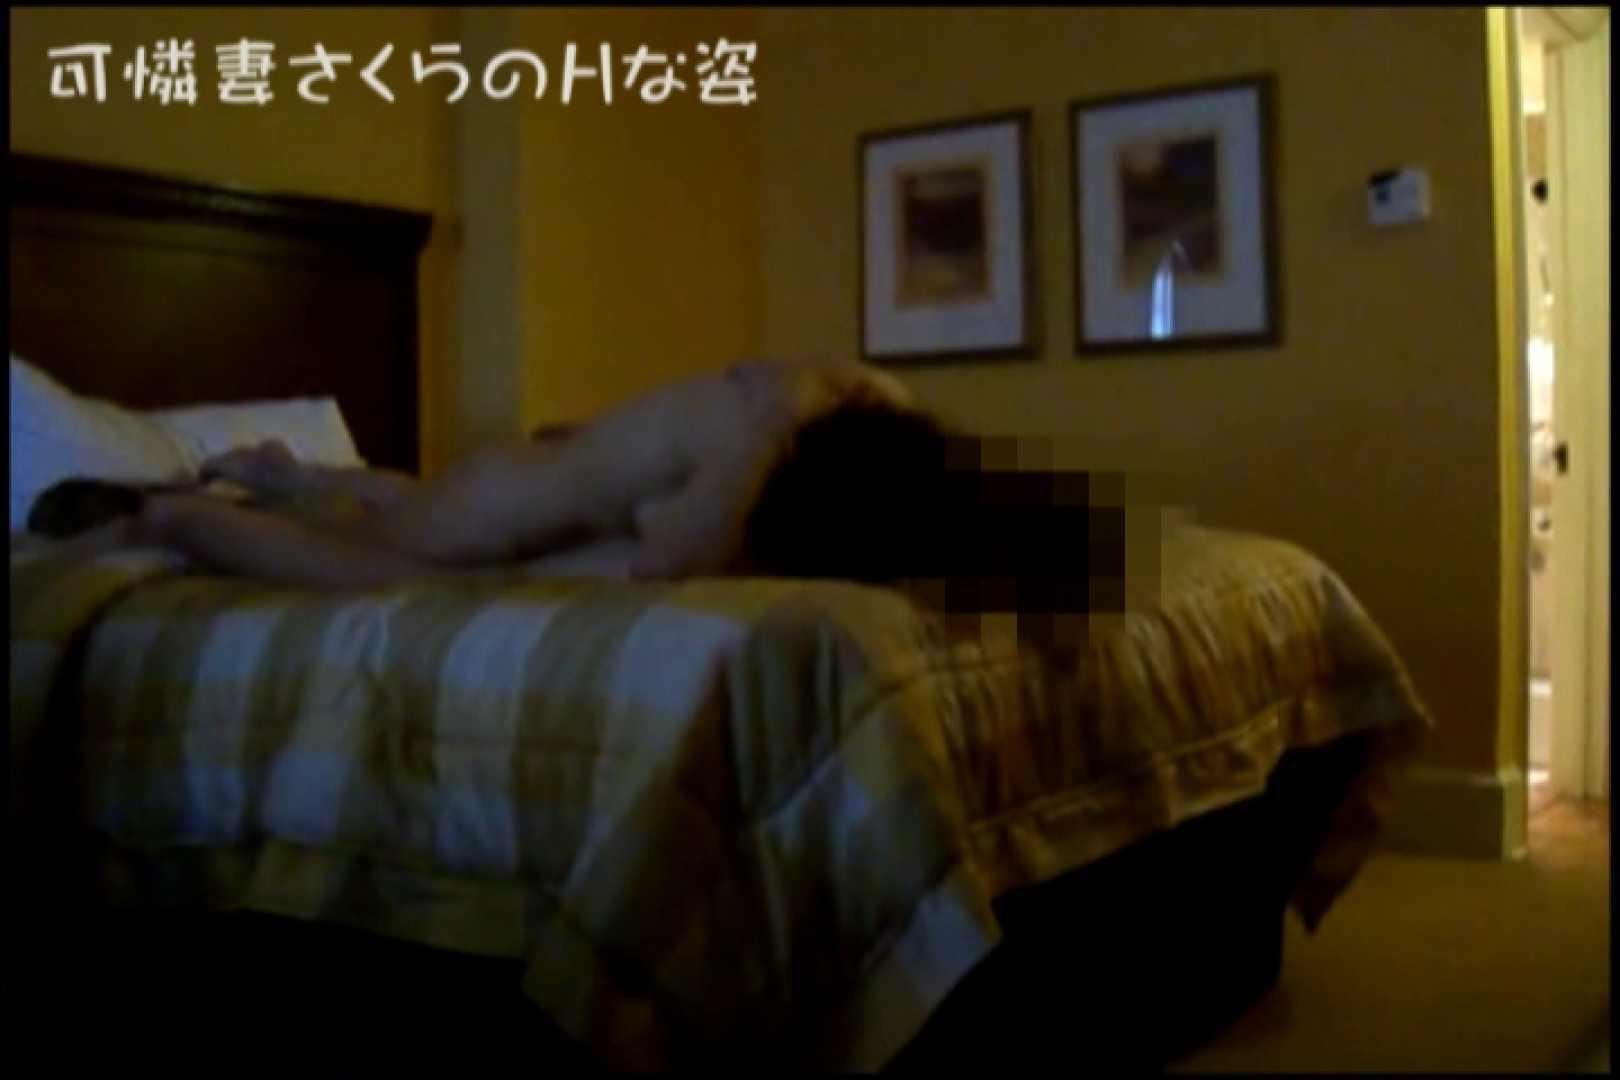 可憐妻さくらのHな姿vol.9後編 熟女の裸体 | OL裸体  106画像 6